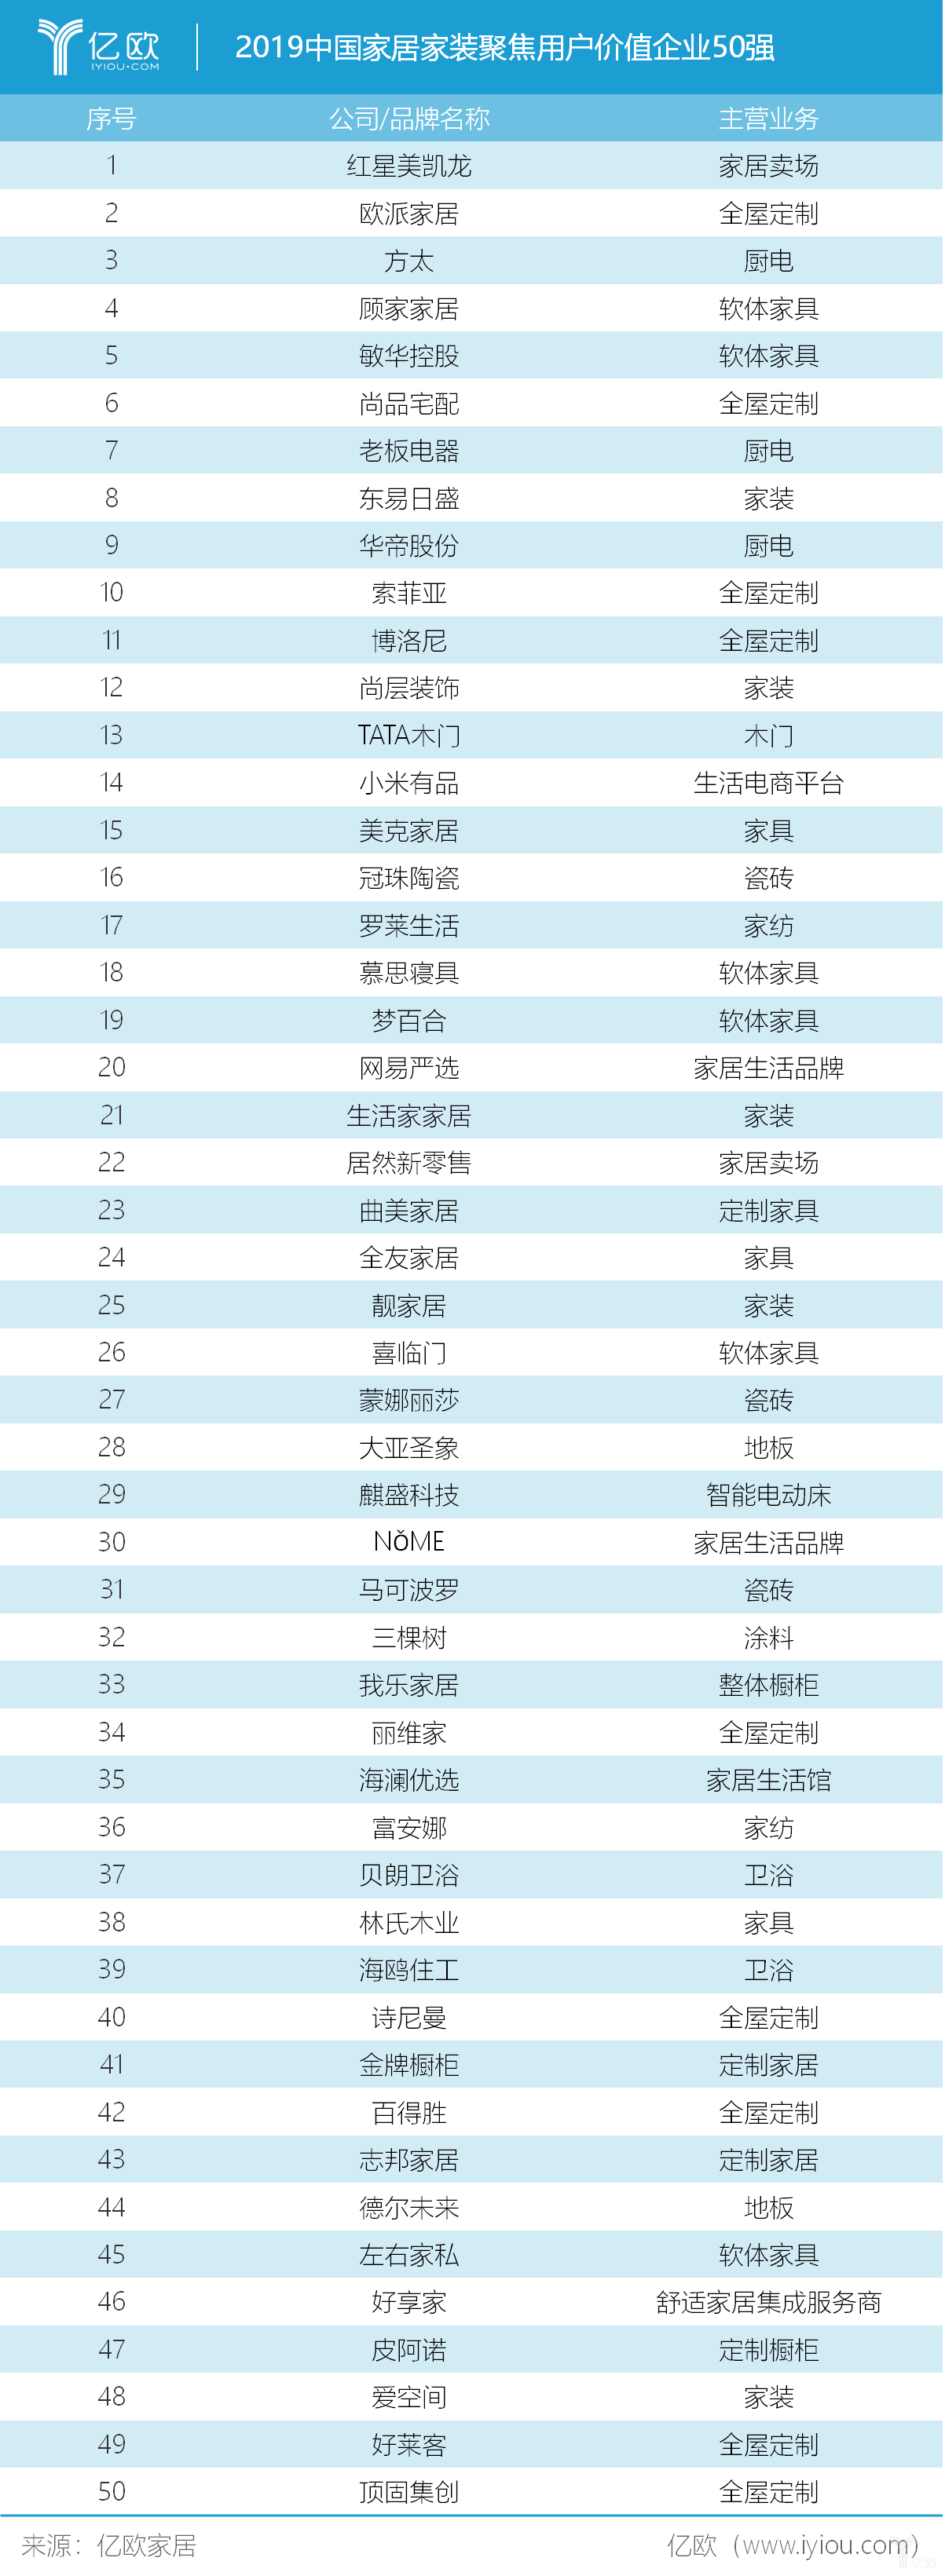 2019年中国家居家装聚焦用户价值企业50强